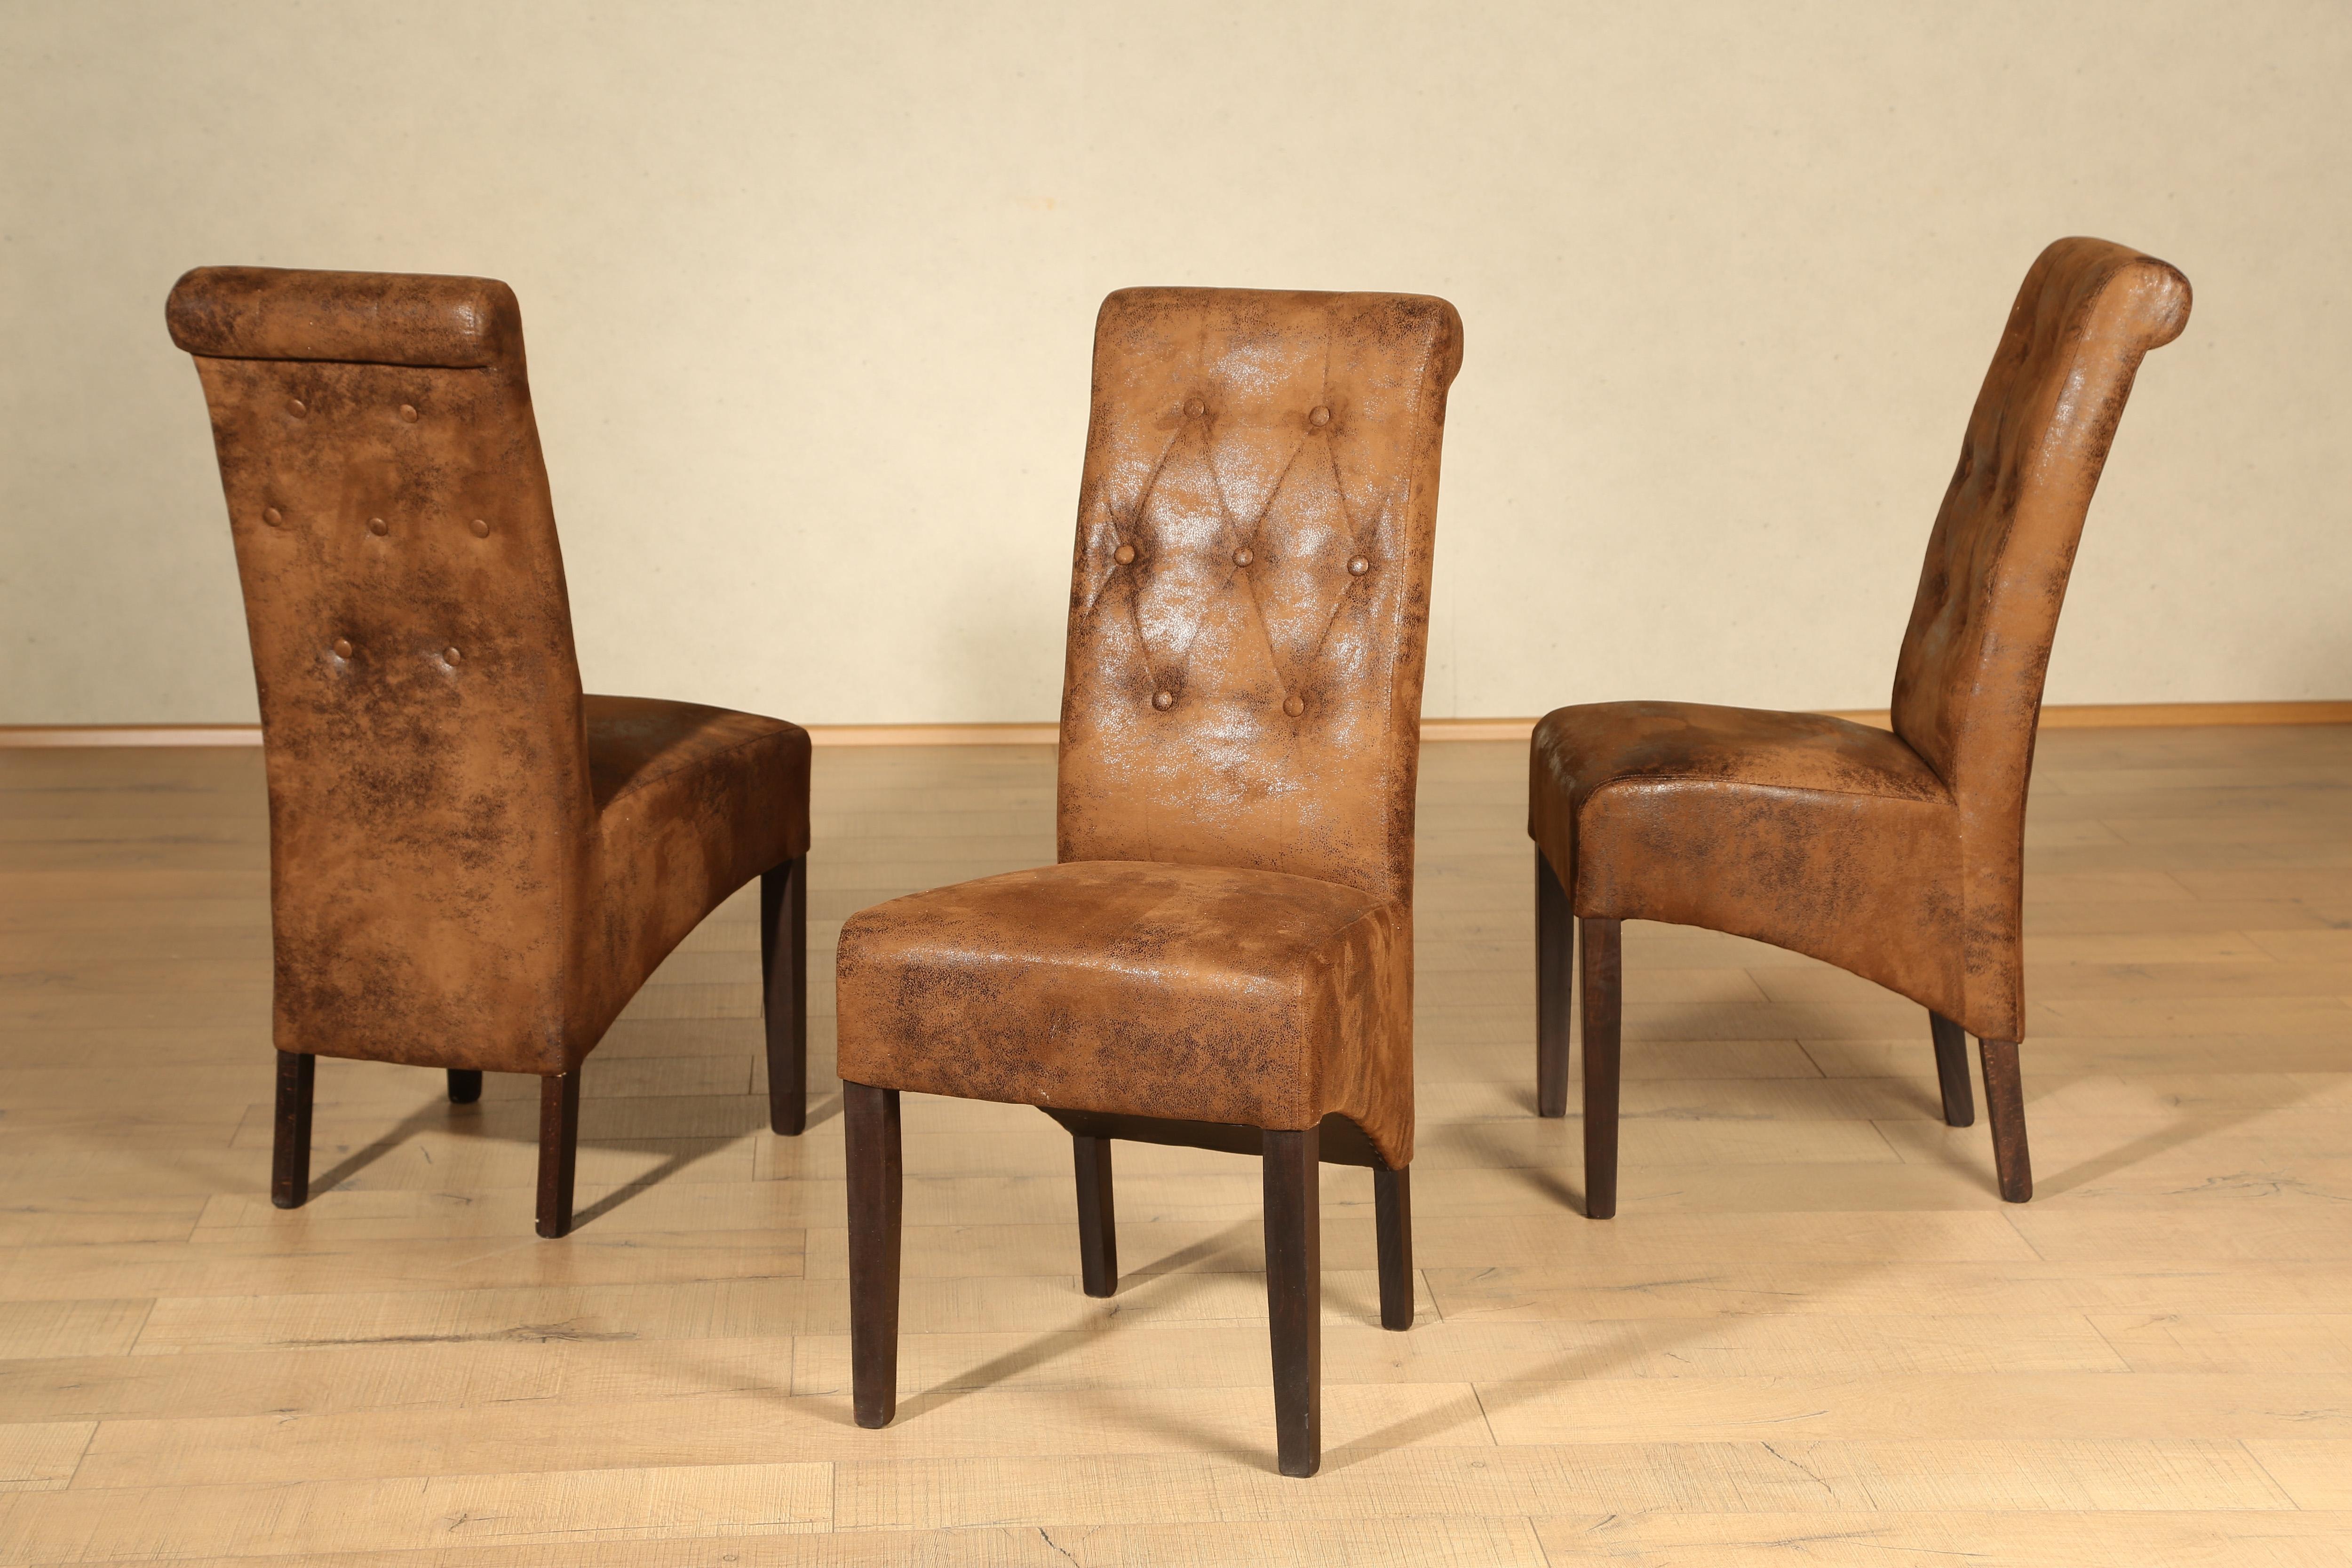 Premium collection by Home affaire stoel Harry (set, 4 stuks) bestellen: 30 dagen bedenktijd